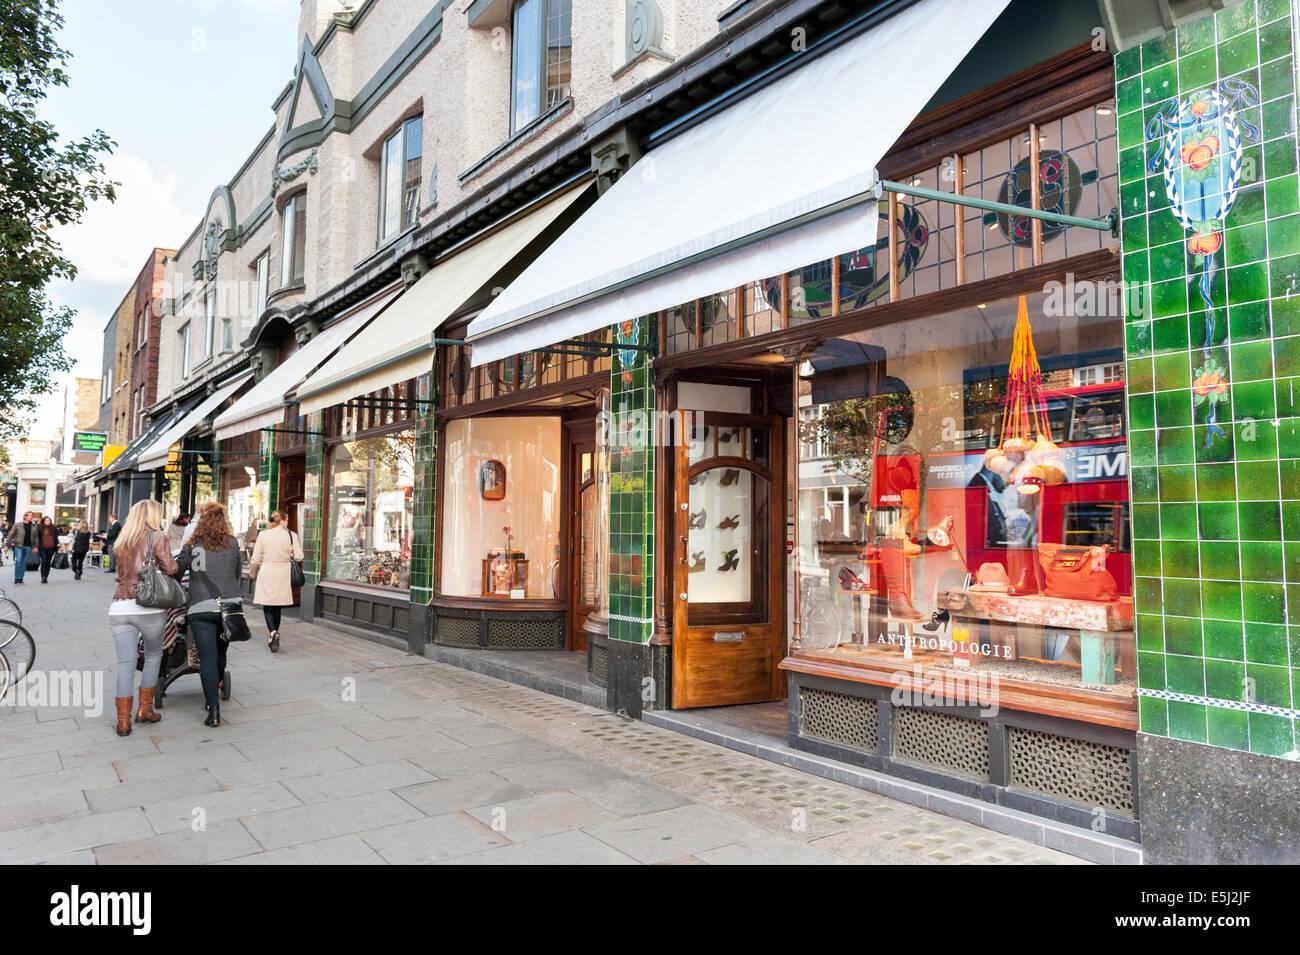 Boutiquen auf der Kings Road, Chelsea, London, England, Vereinigtes Königreich Stockbild